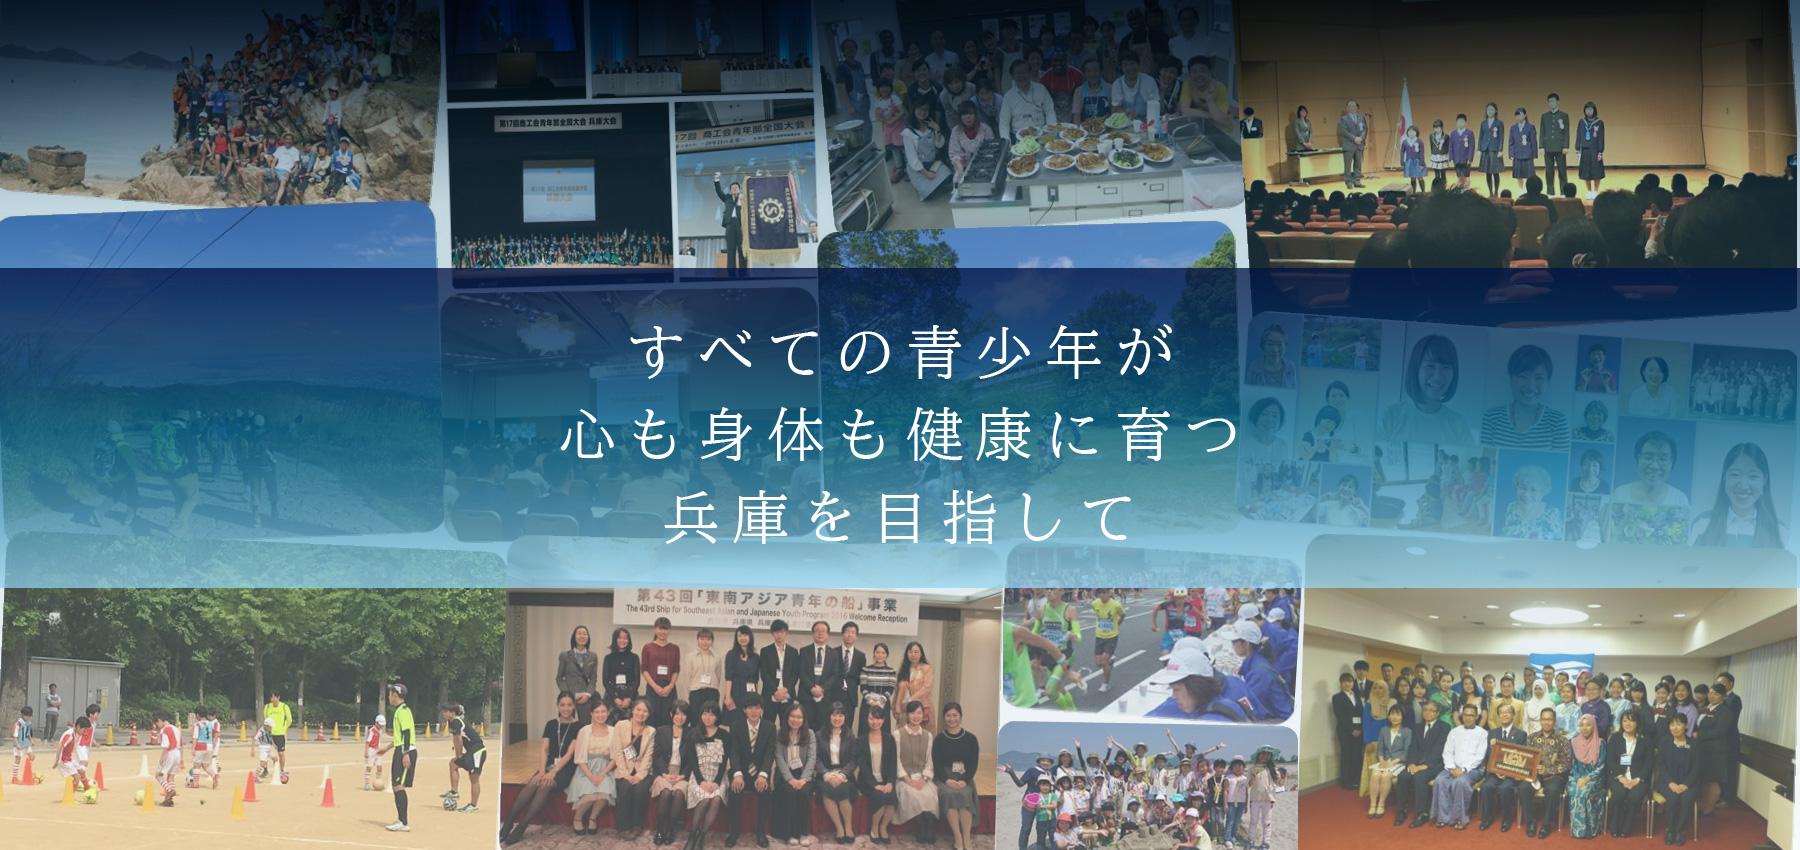 兵庫県青少年団体連絡協議会